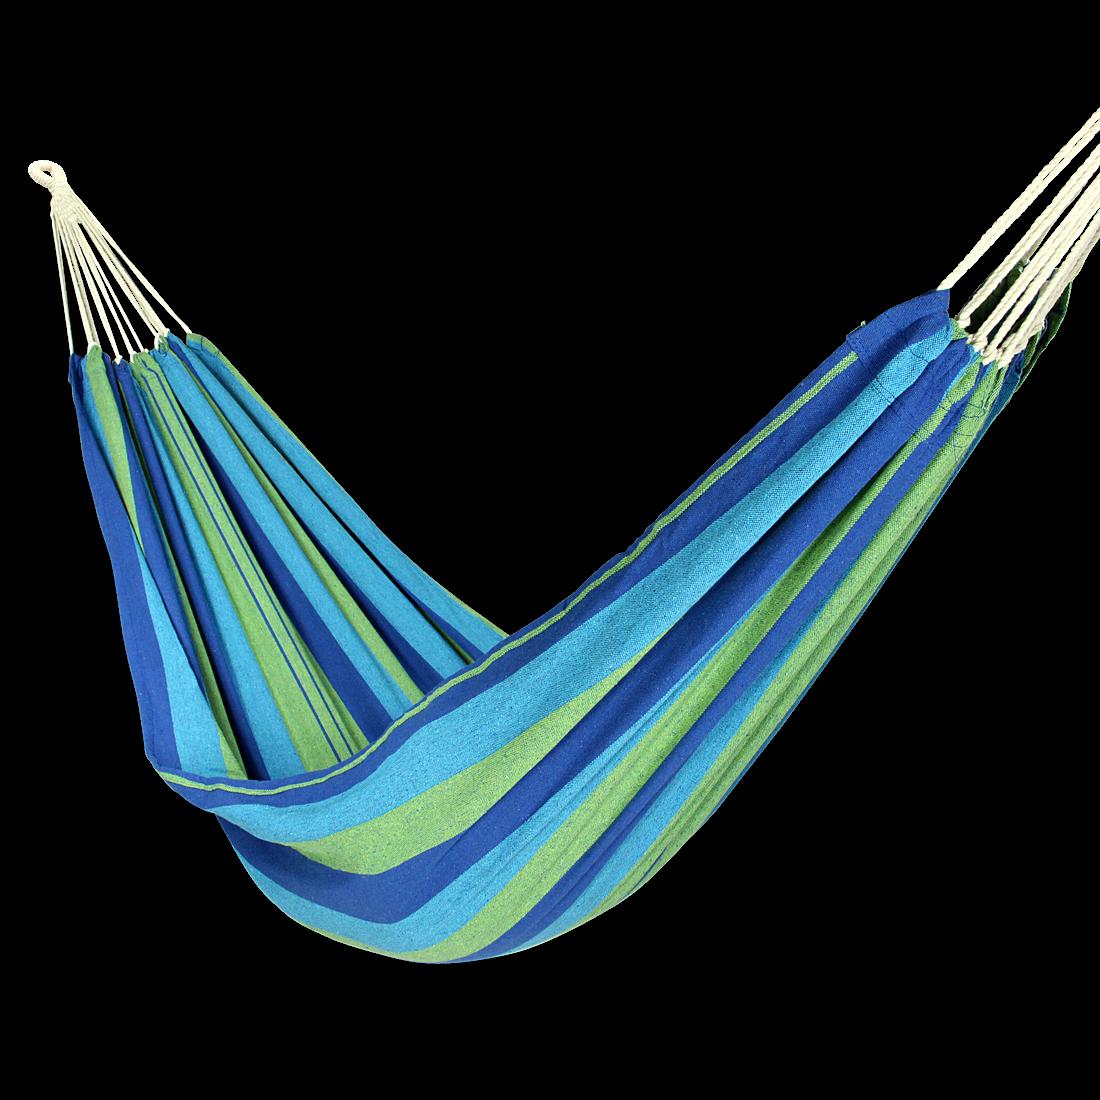 Relax 145 XL Hängematte für 1-2 Person Tuchhängematte 180x145cm Hängeliege